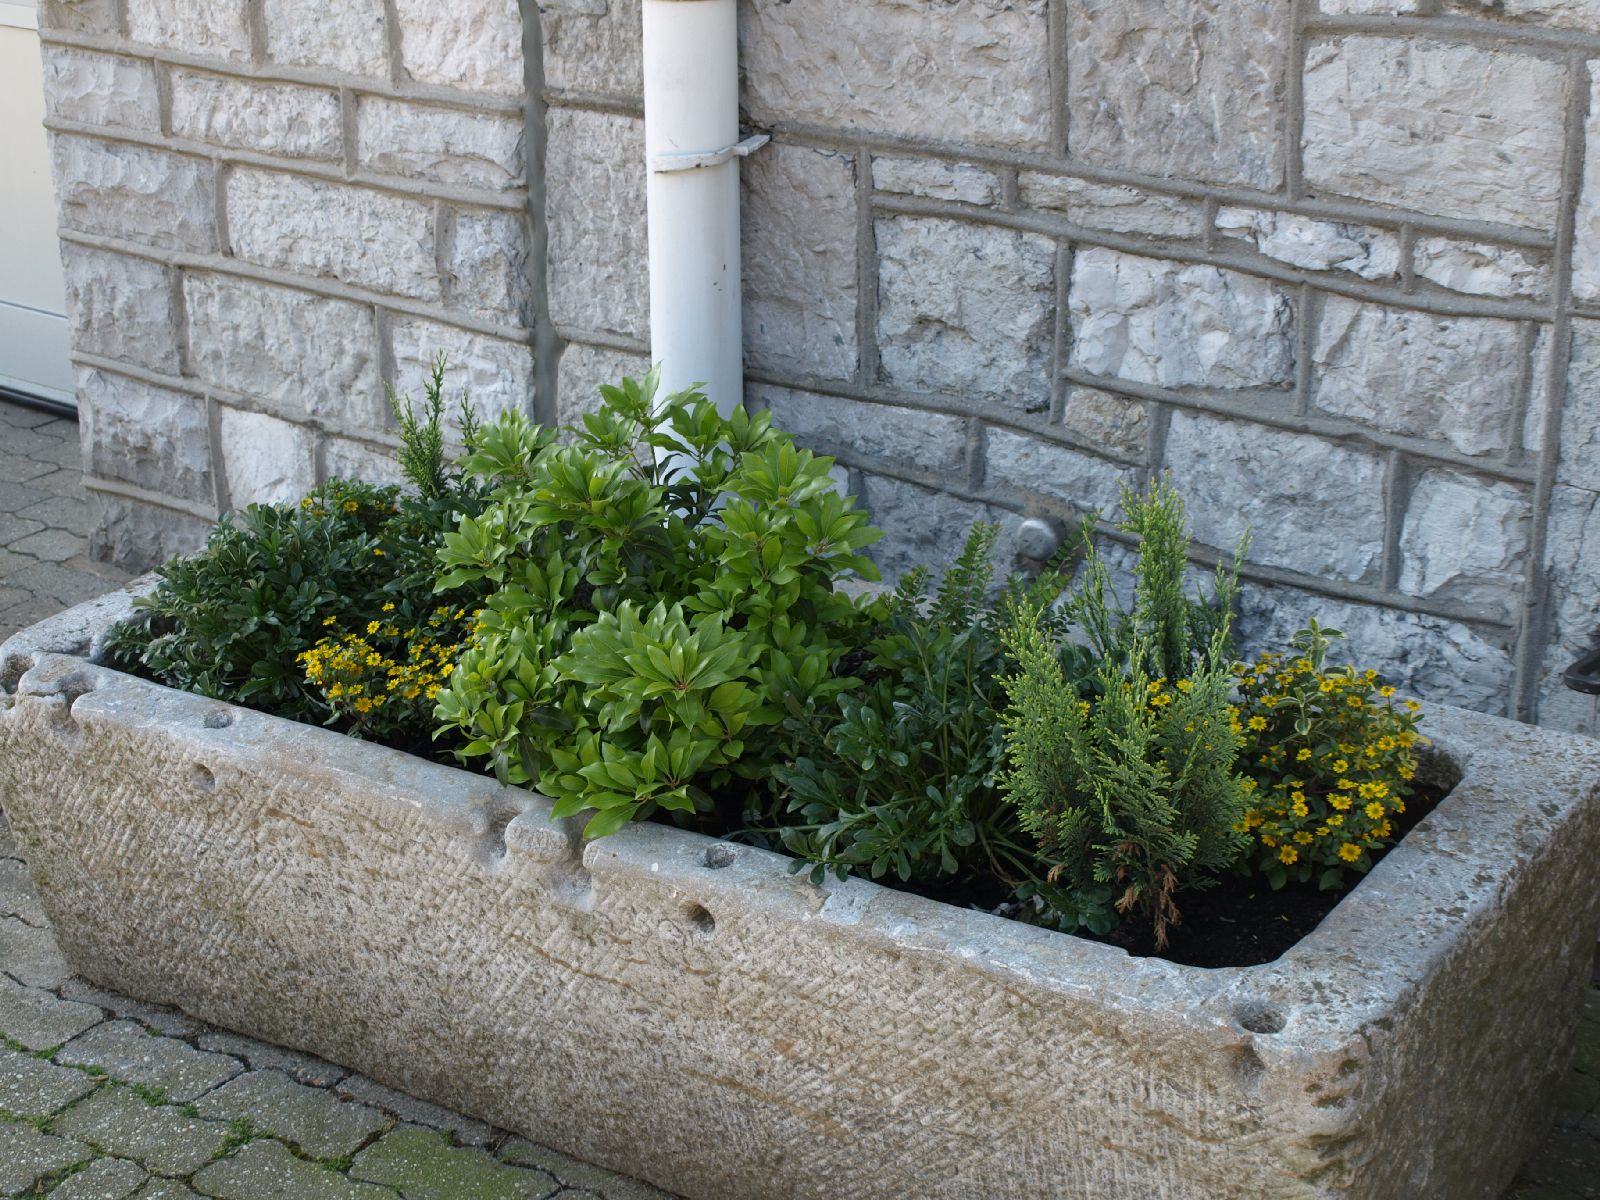 Pflanzen-Blumen-Foto_Textur_B_P6153448